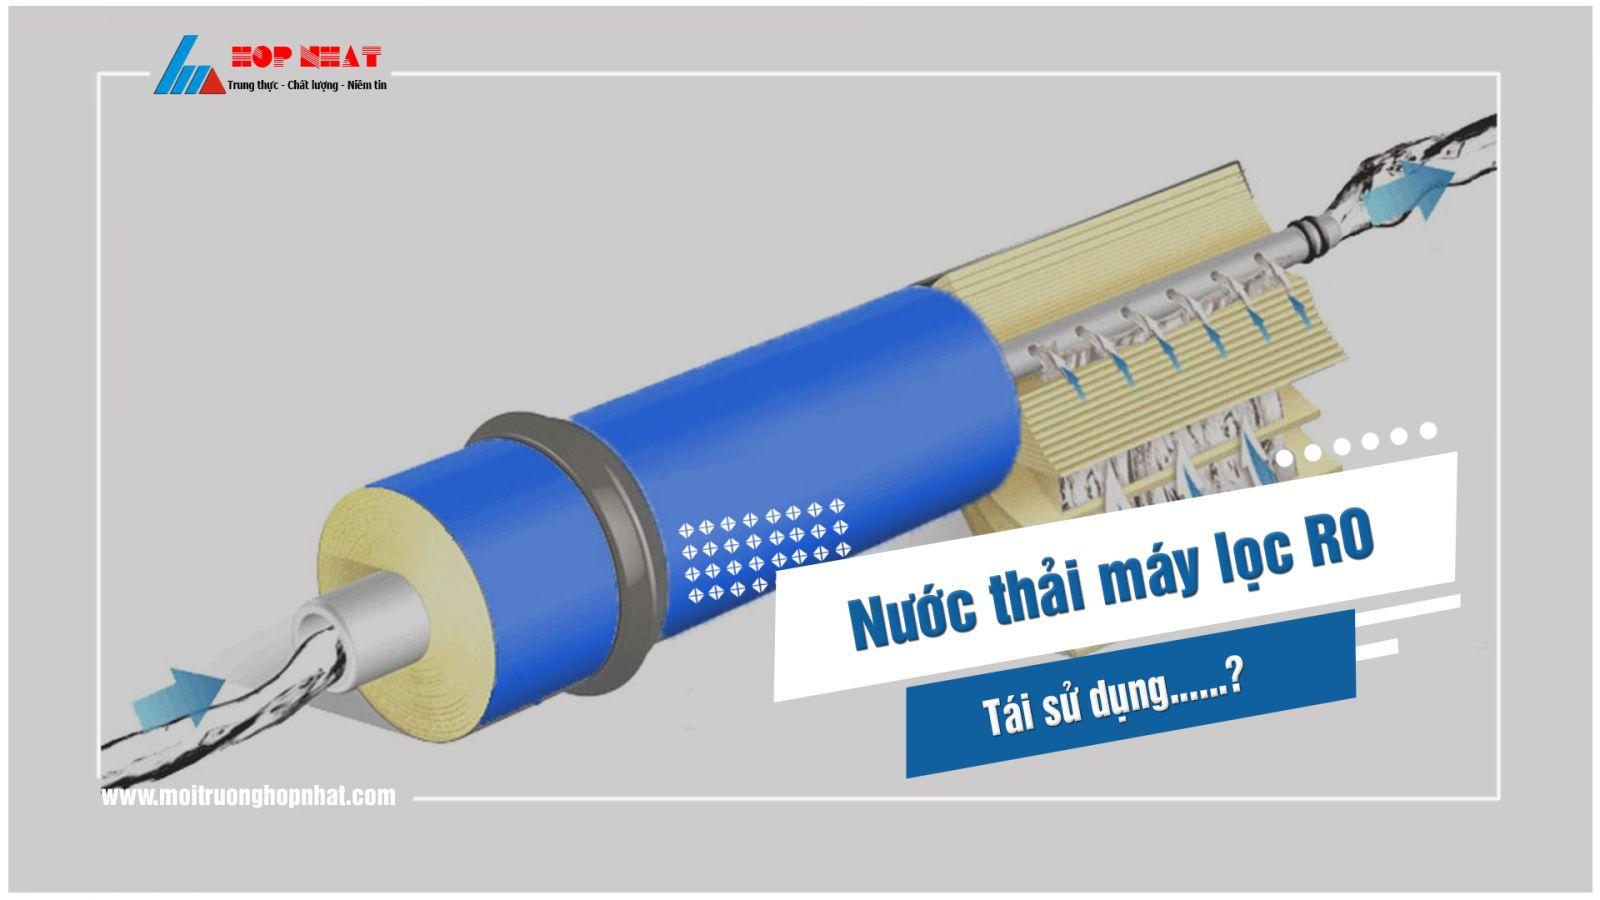 Tái sử dụng nước thải máy lọc nước RO